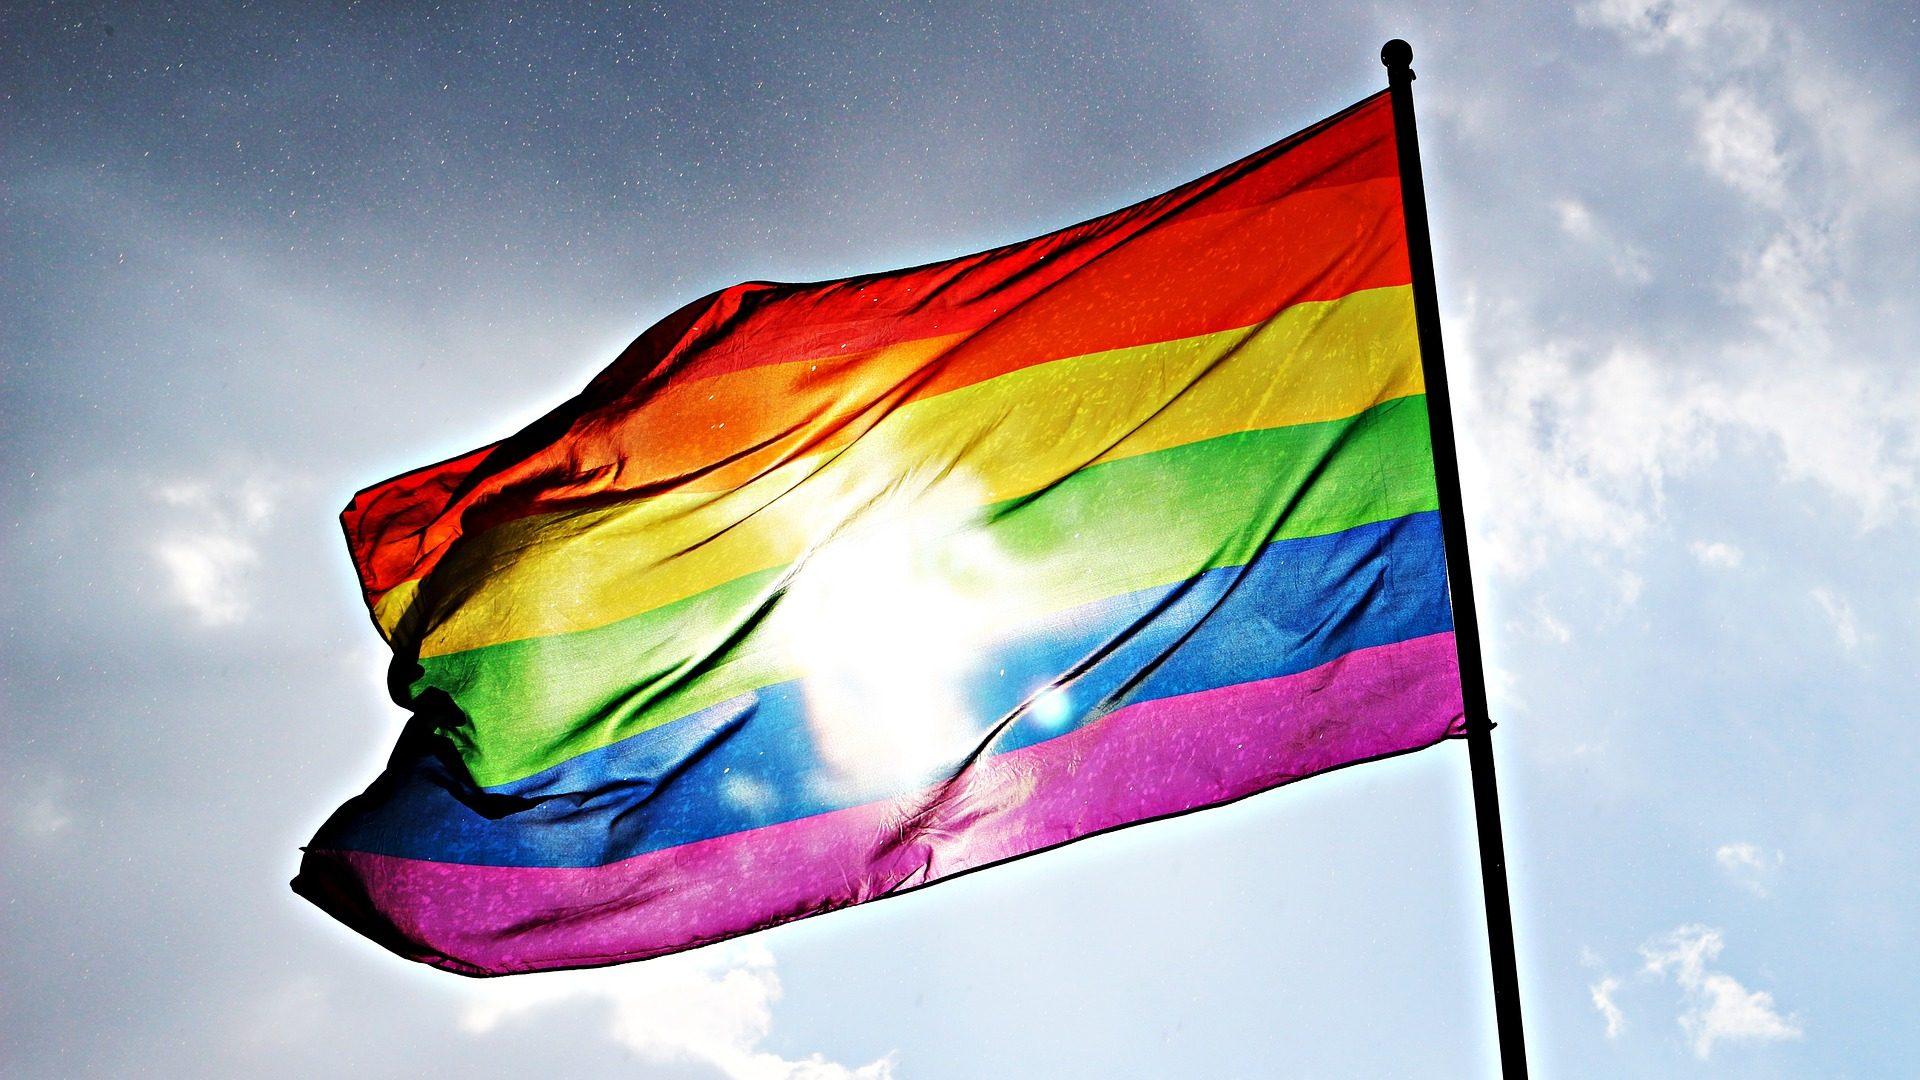 queer um vier: Wir sind hier, wir sind queer.